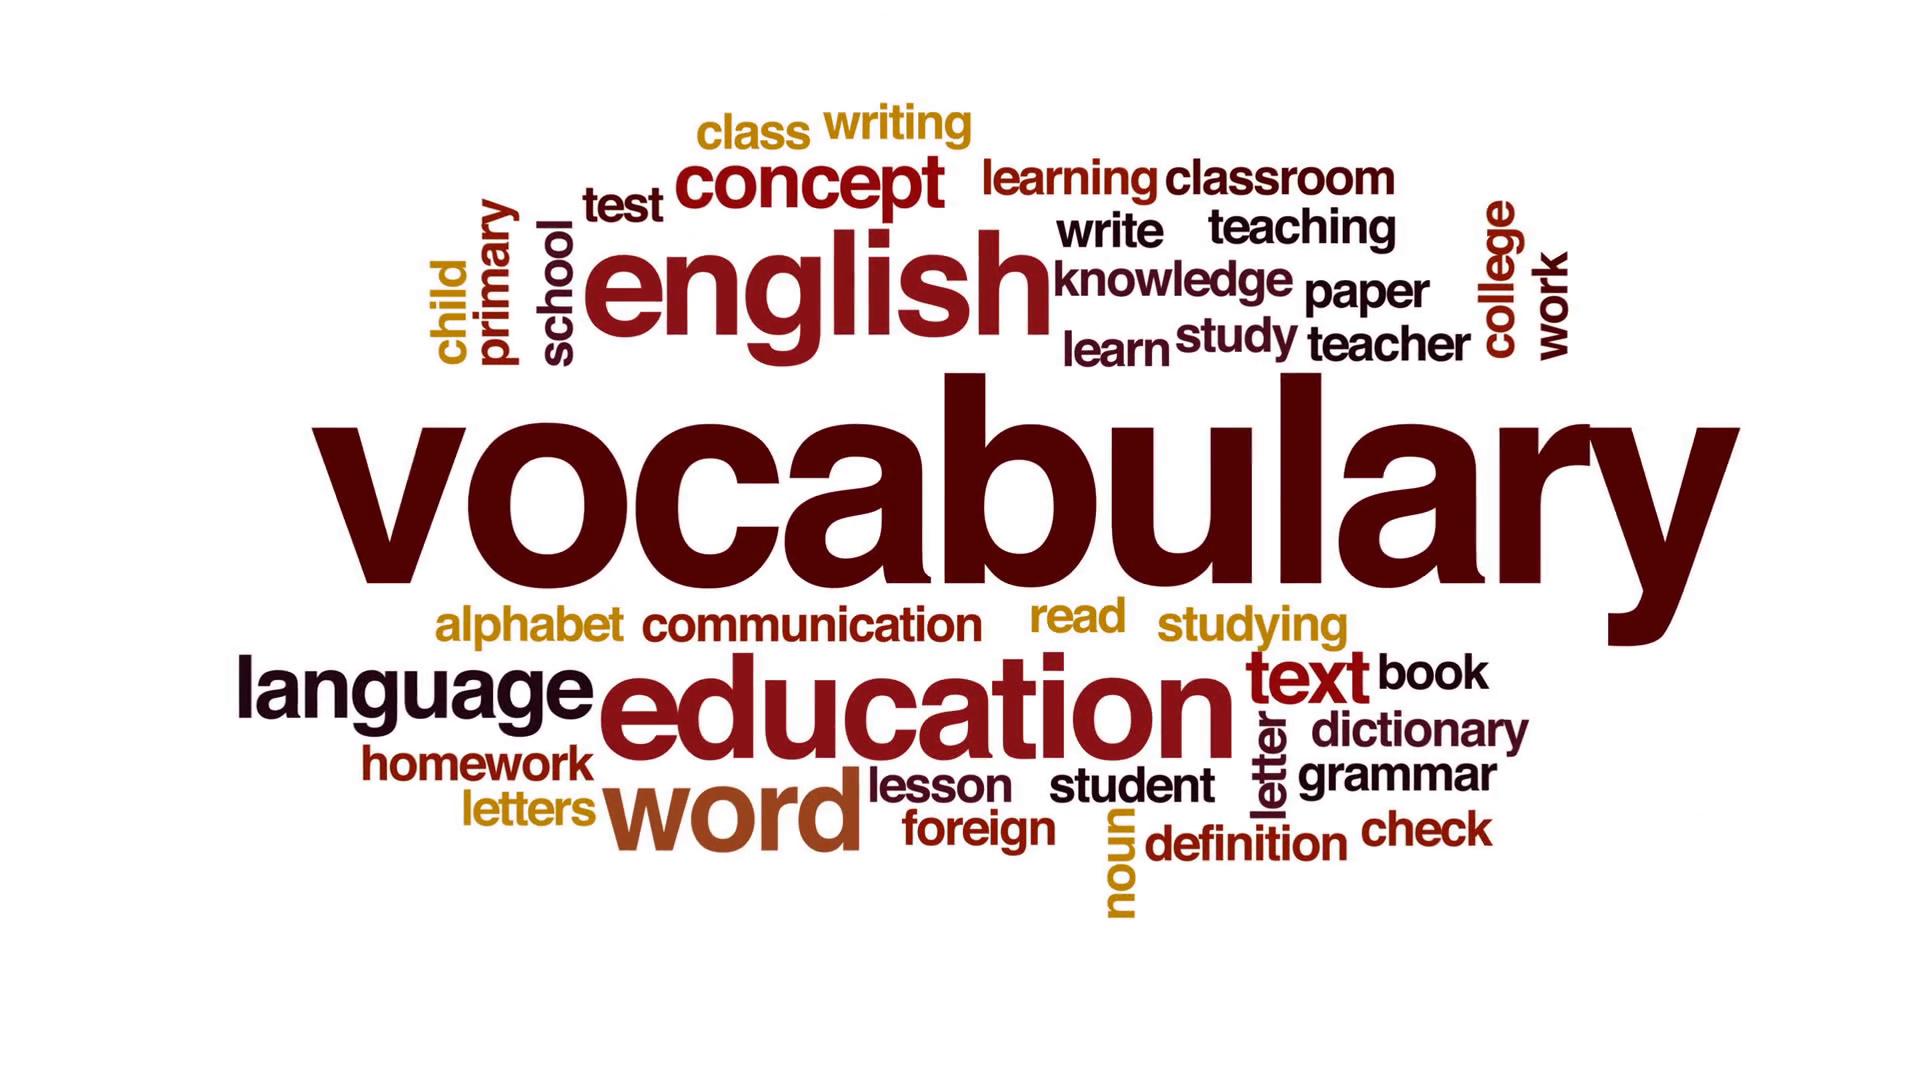 35 واقعیت جذاب درباره زبان انگلیسی که به شما کمک میکند این زبان را بهتر یاد بگیرید